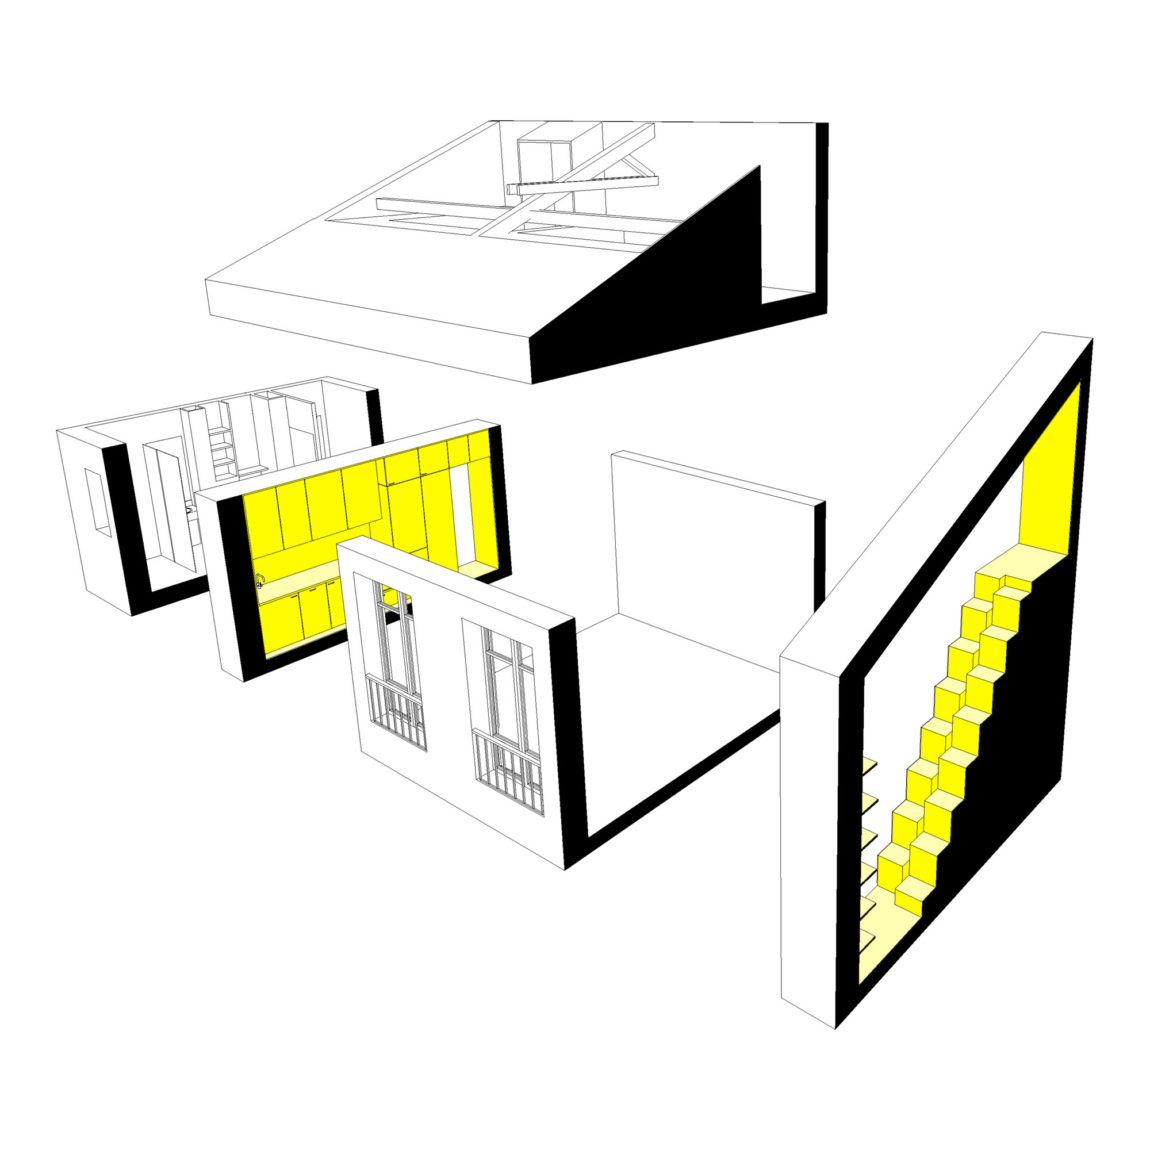 Appartement C by Schemaa (22)